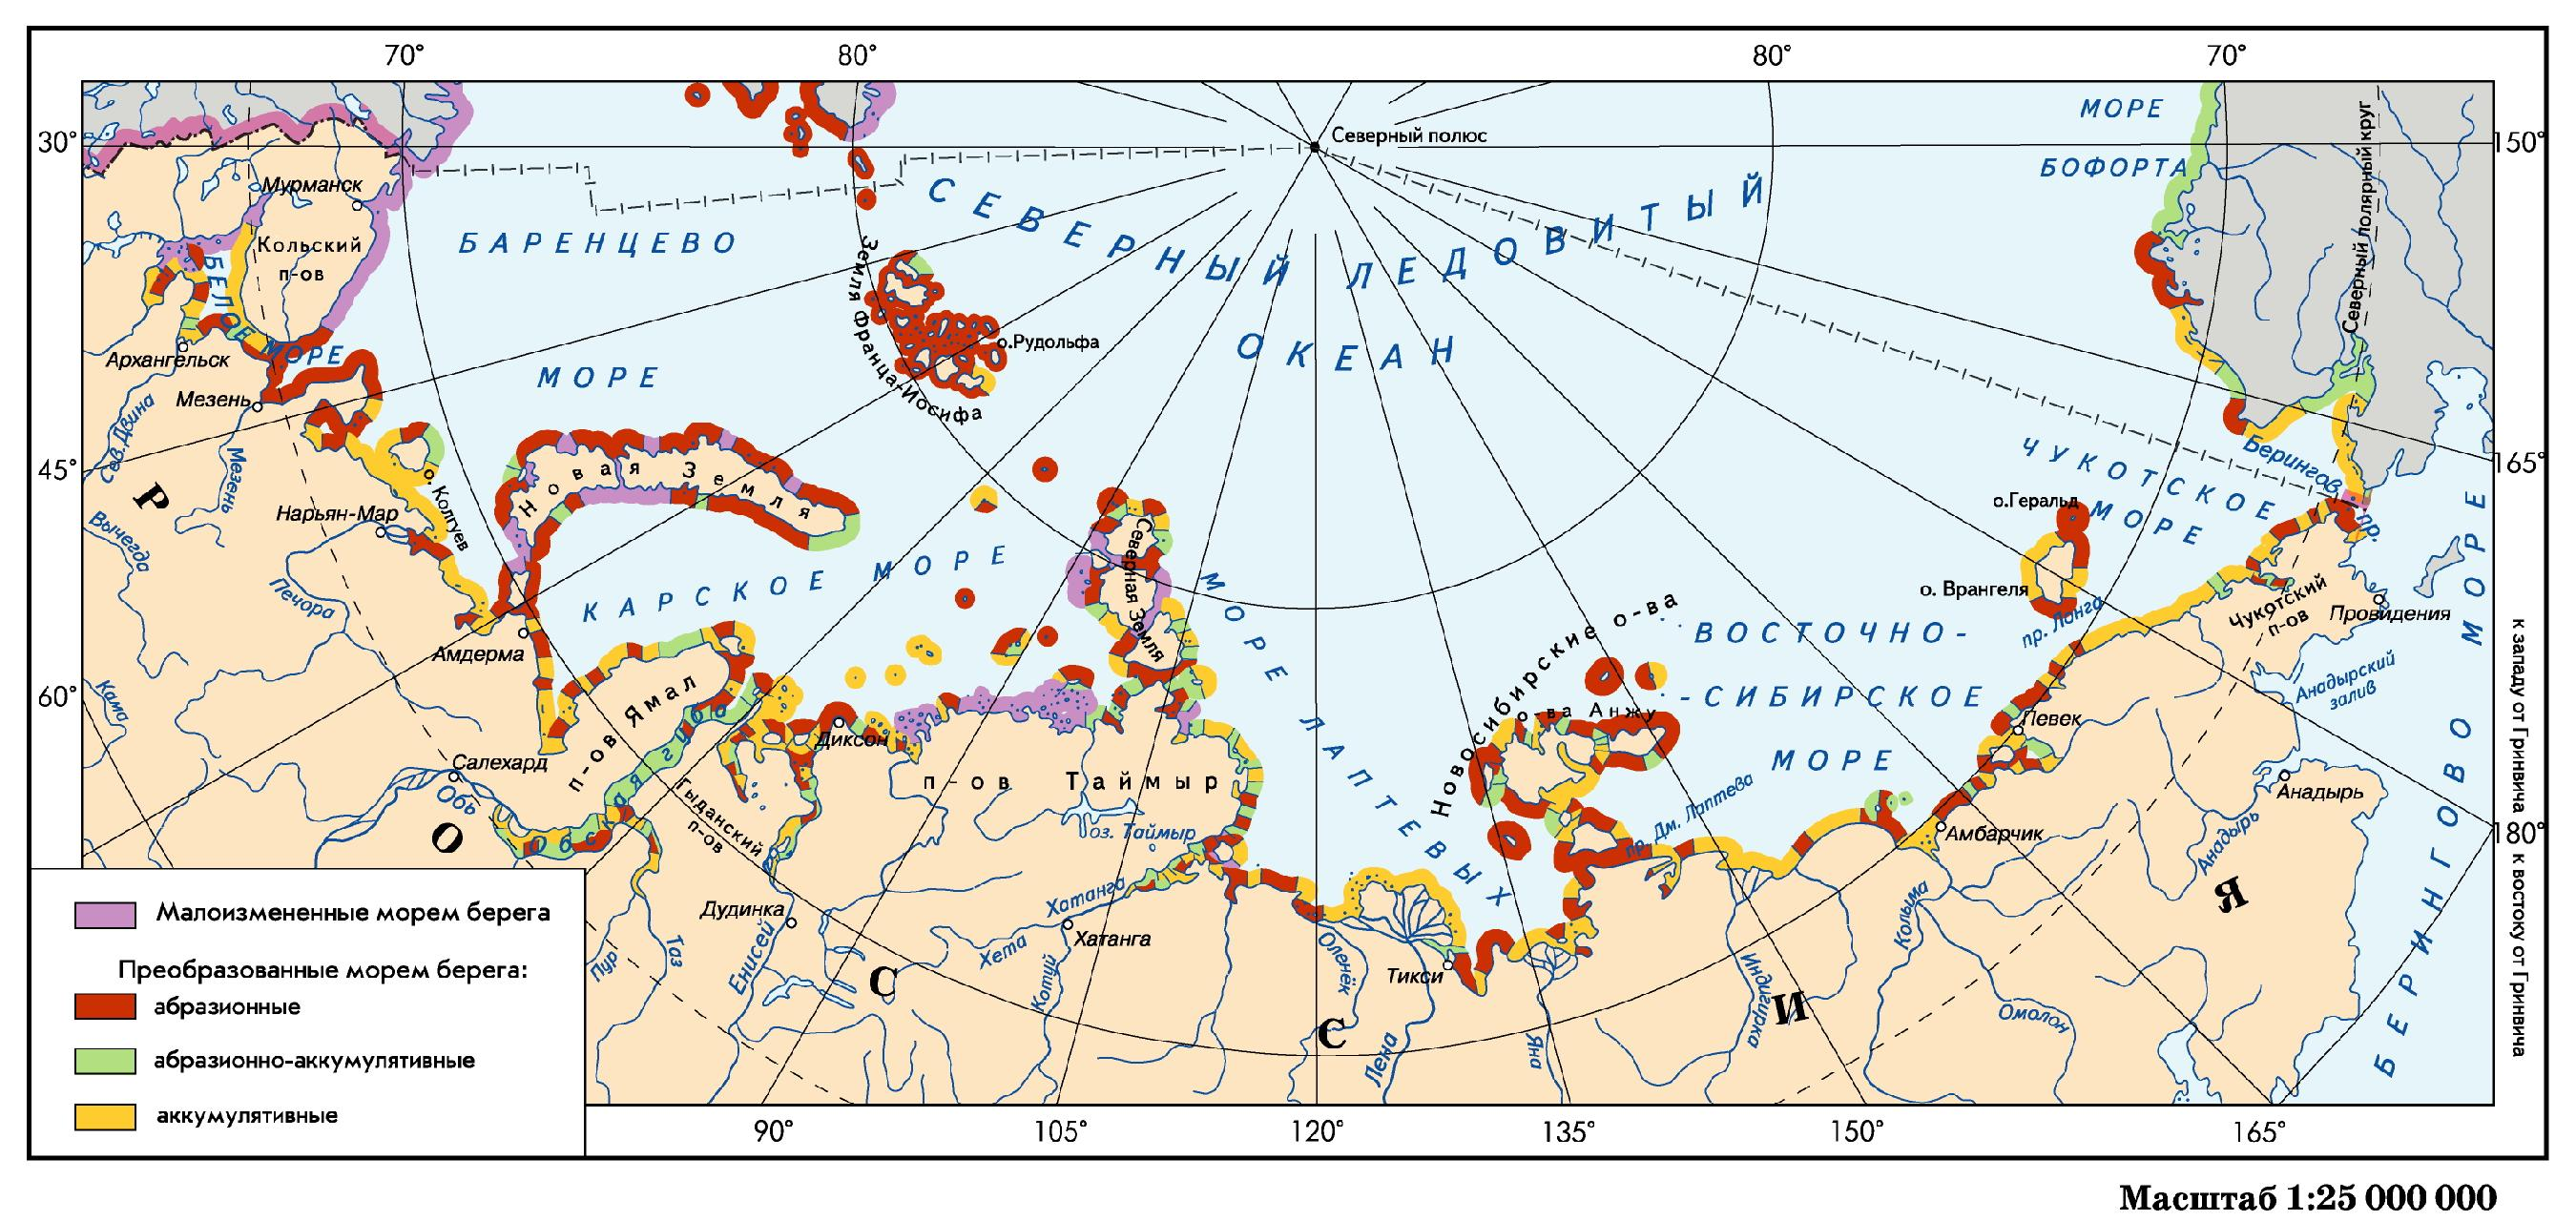 Моря Северного Ледовитого океана: список Естественные науки